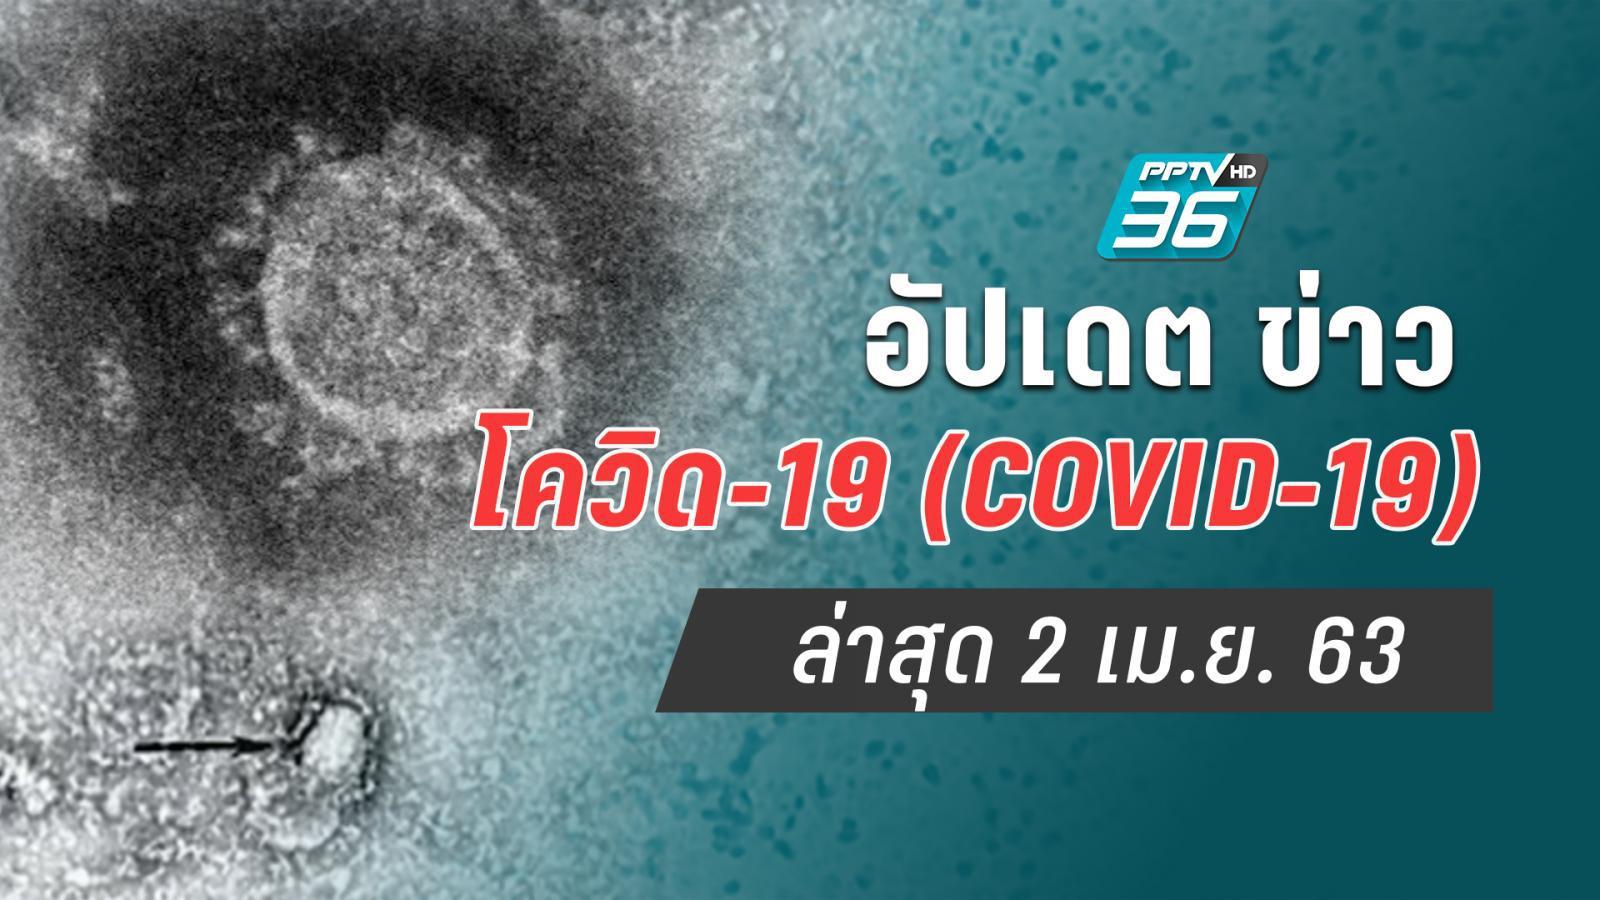 อัปเดตข่าวโควิด-19 (COVID-19) ล่าสุด 2เม.ย. 63